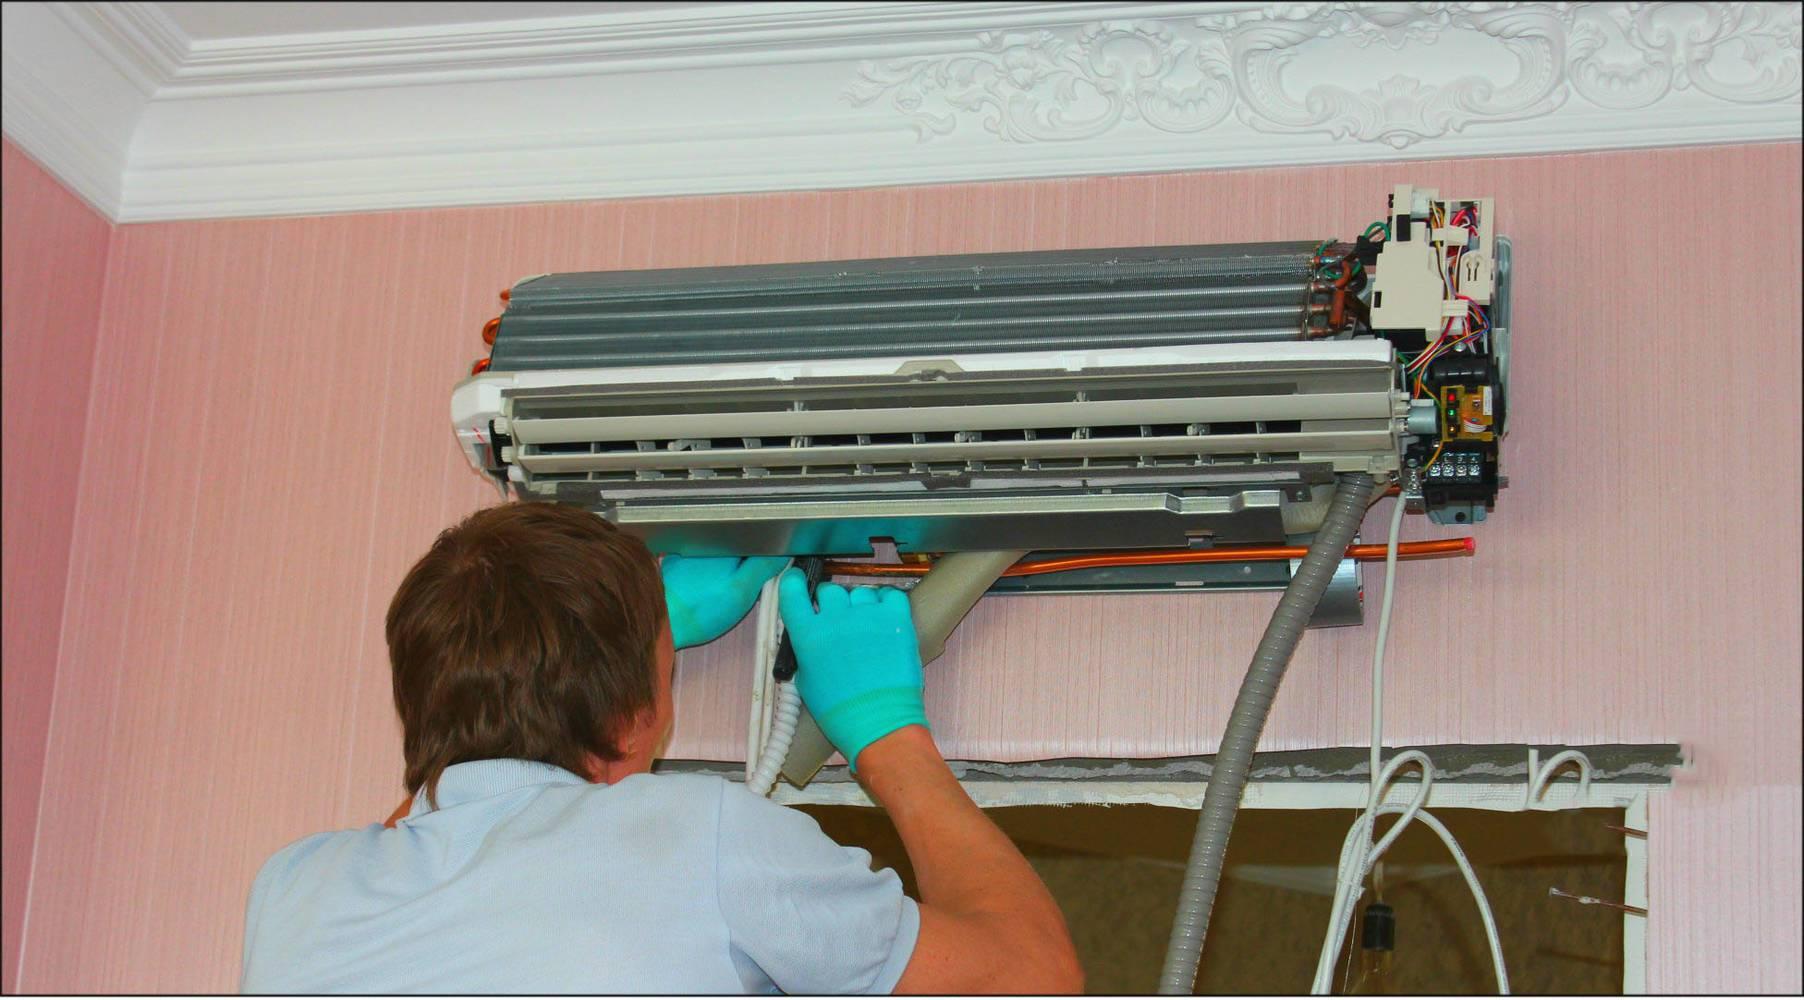 Как почистить кондиционер дома: инструкция по самостоятельной очистке сплит-системы